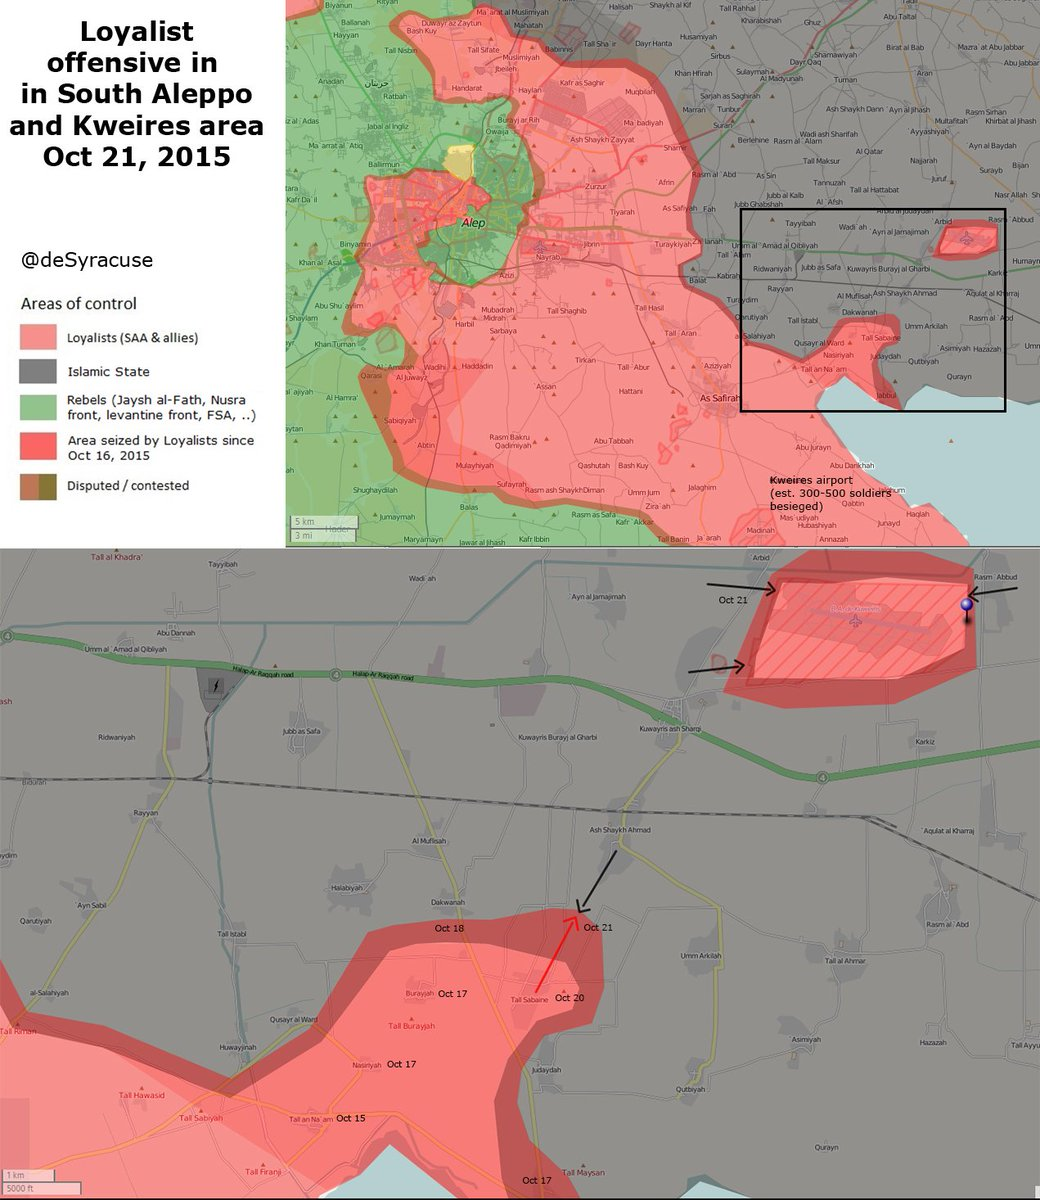 Если стороны не договорятся, то битва за ракку продолжится с той же активностью.